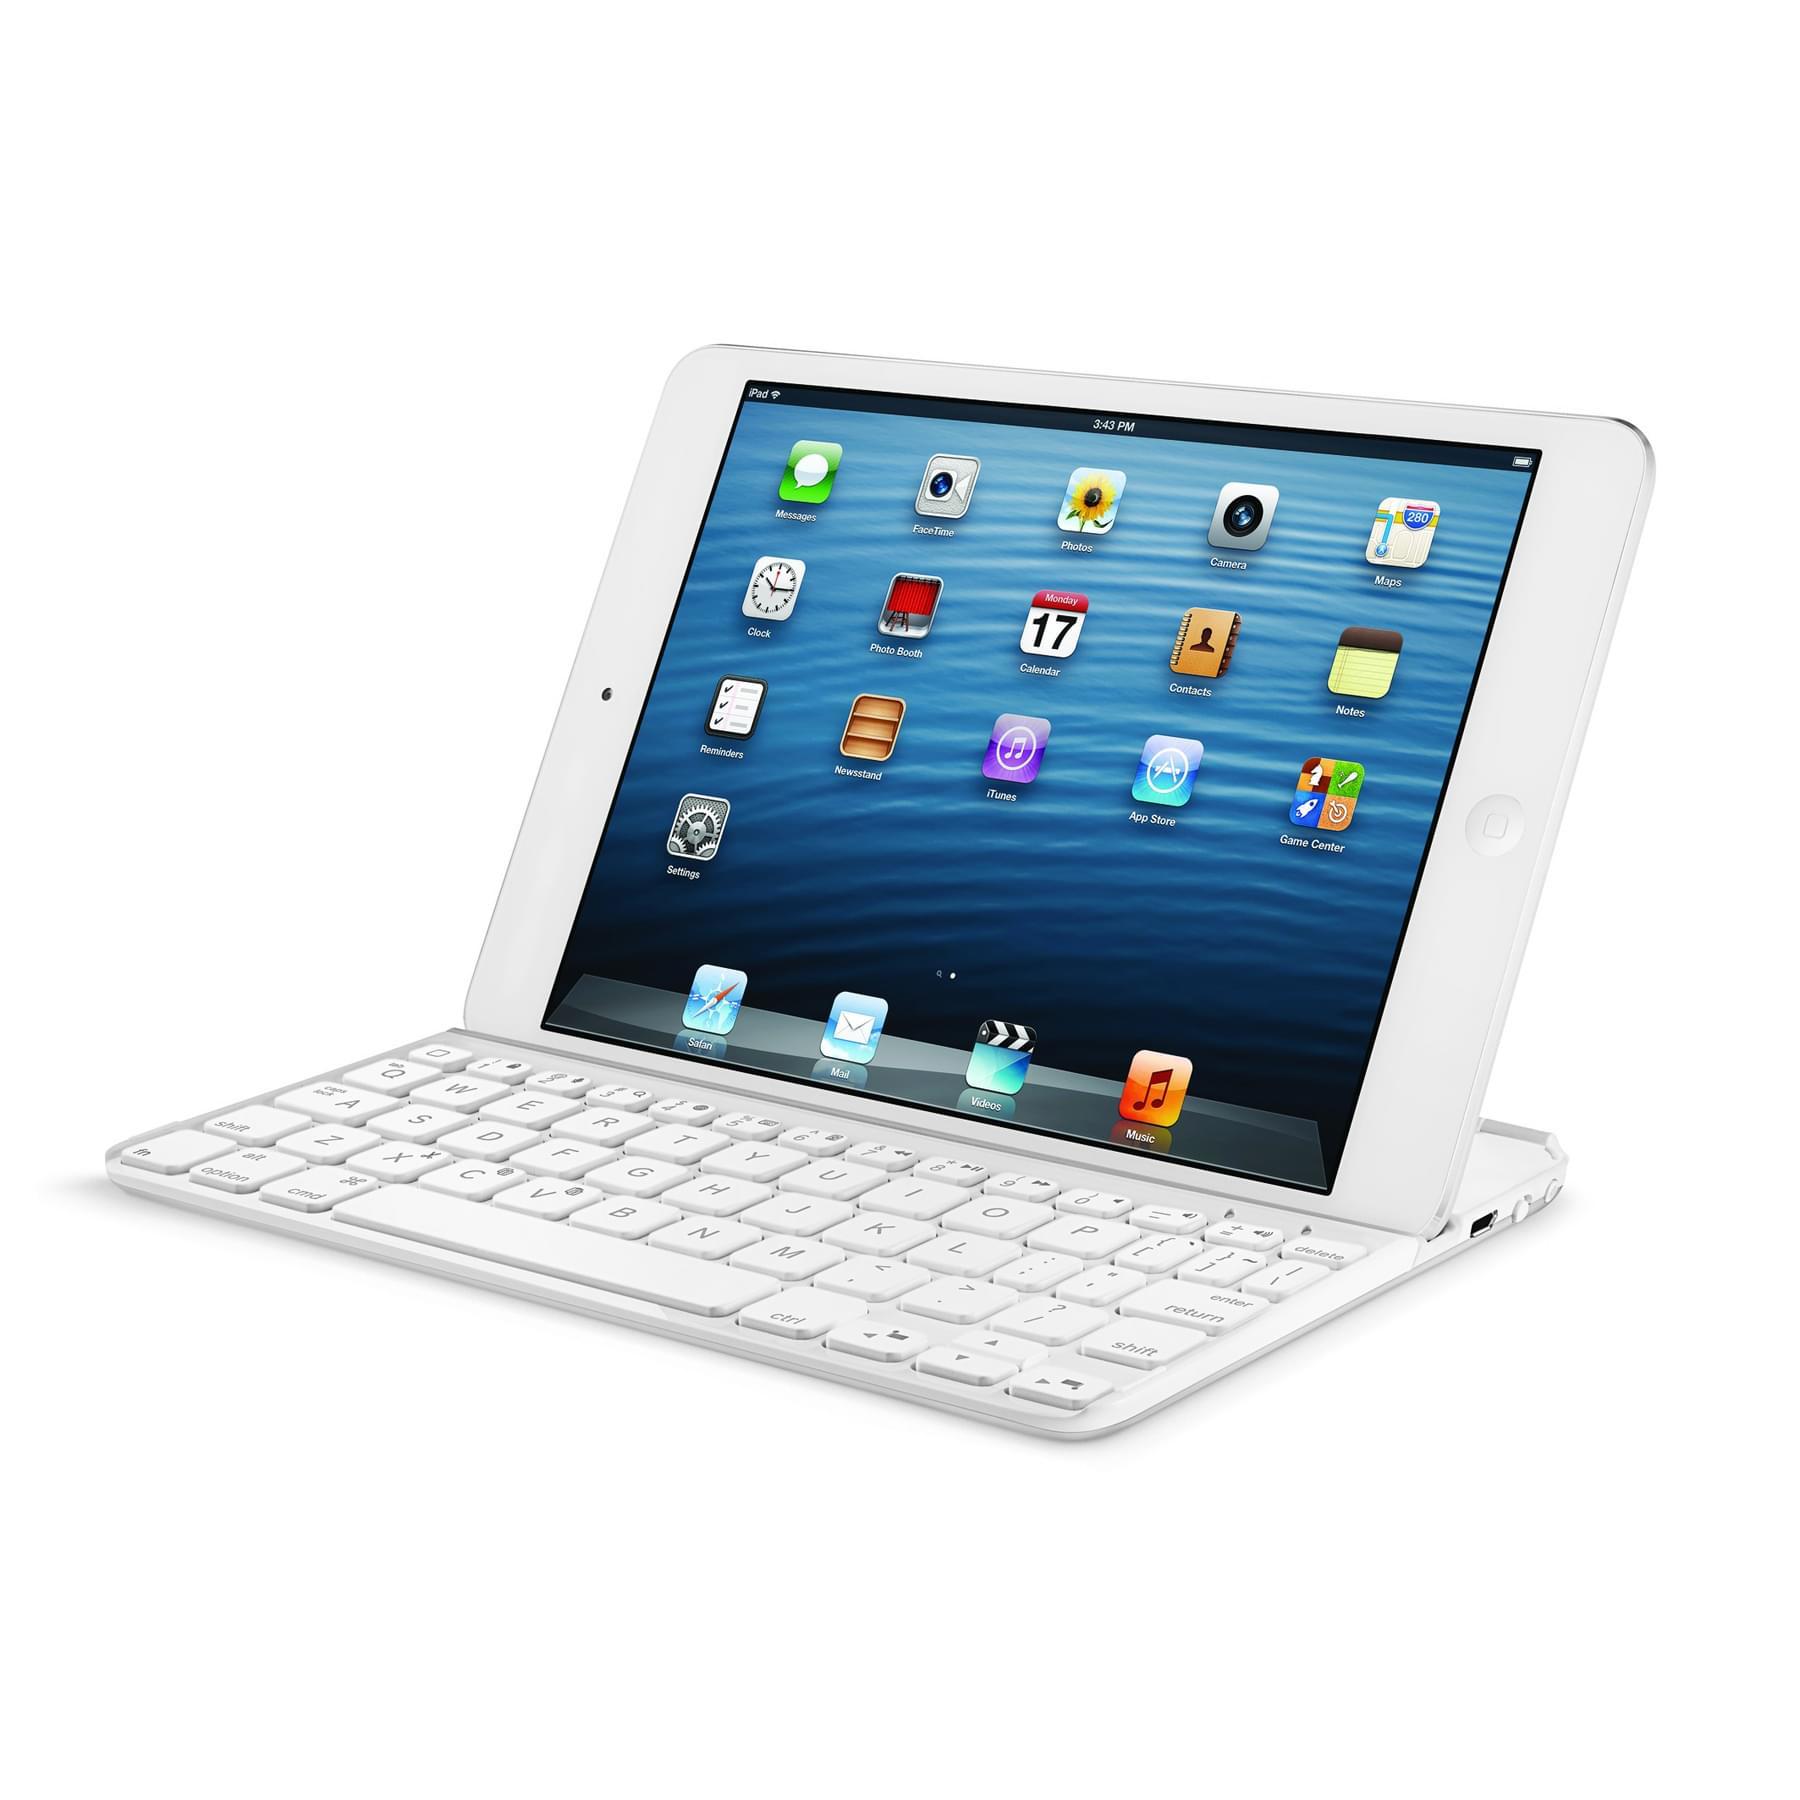 Logitech Ultrathin Keyboard Cover Mini White (920-005112) - Achat / Vente Accessoire Tablette sur Cybertek.fr - 0